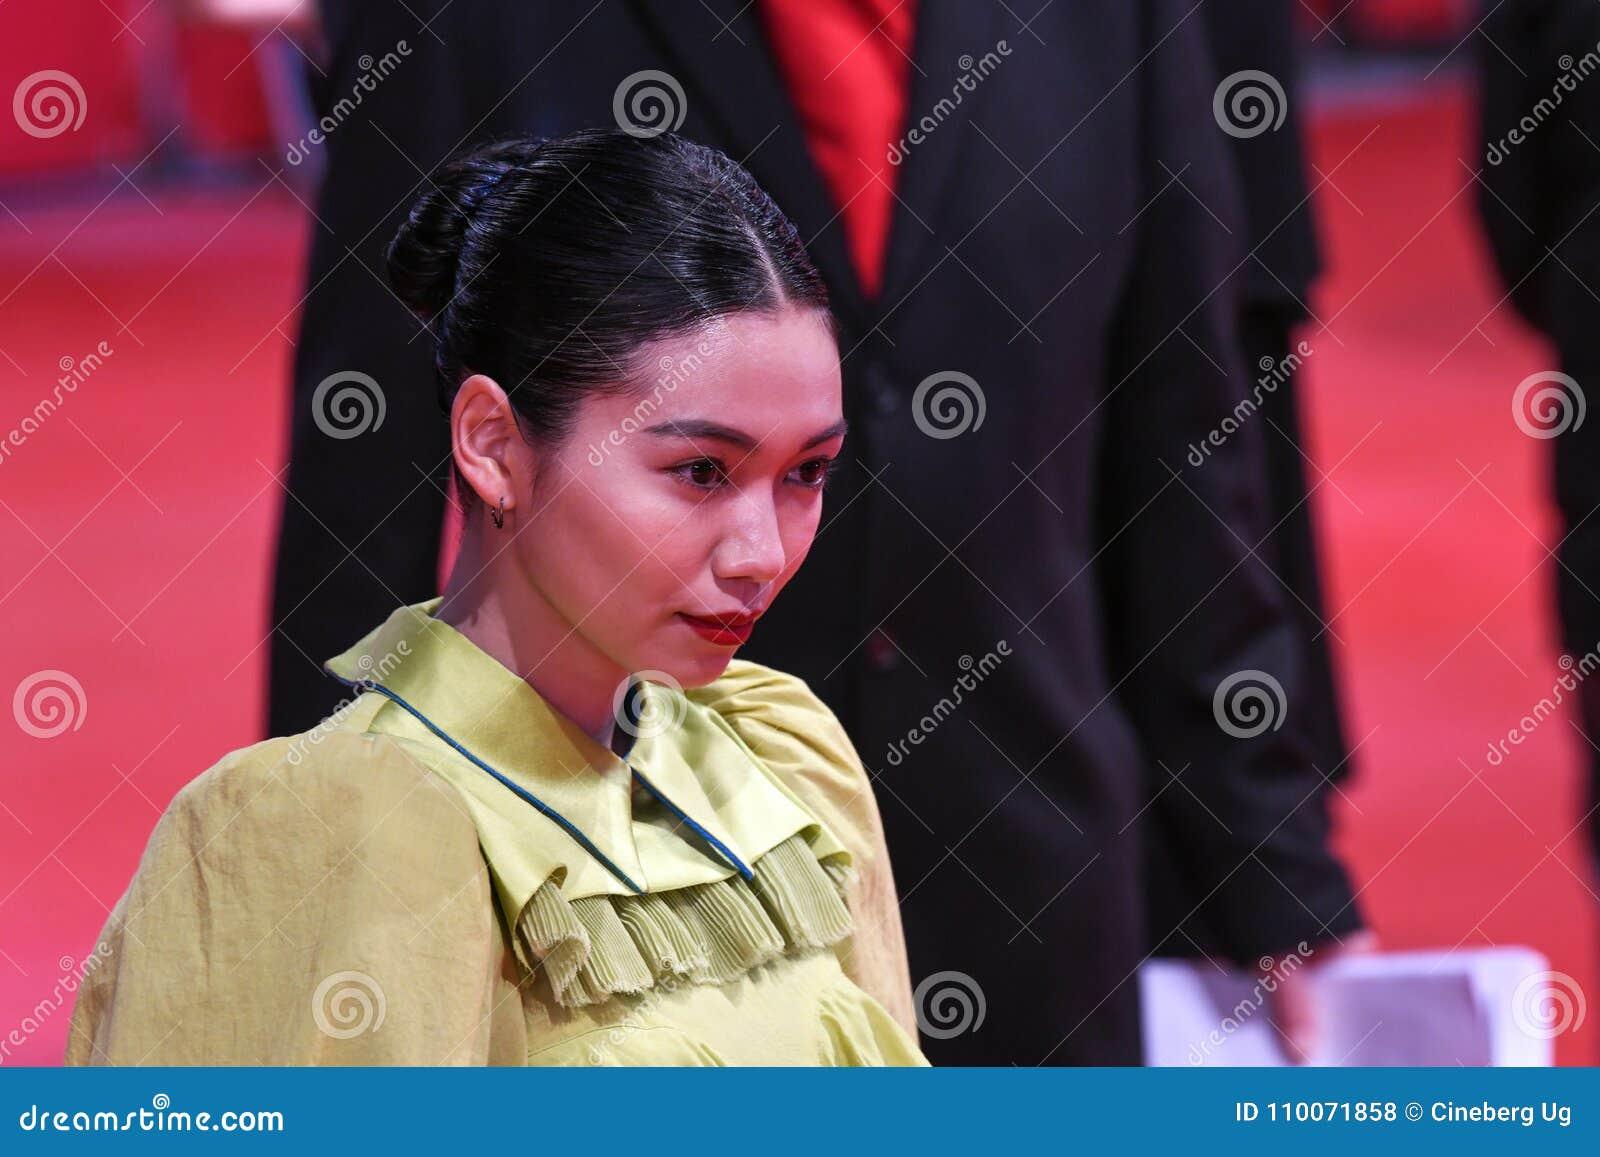 Actriz Japonesa Fumi Nikaido Durante Berlinale 2018 Foto De Archivo